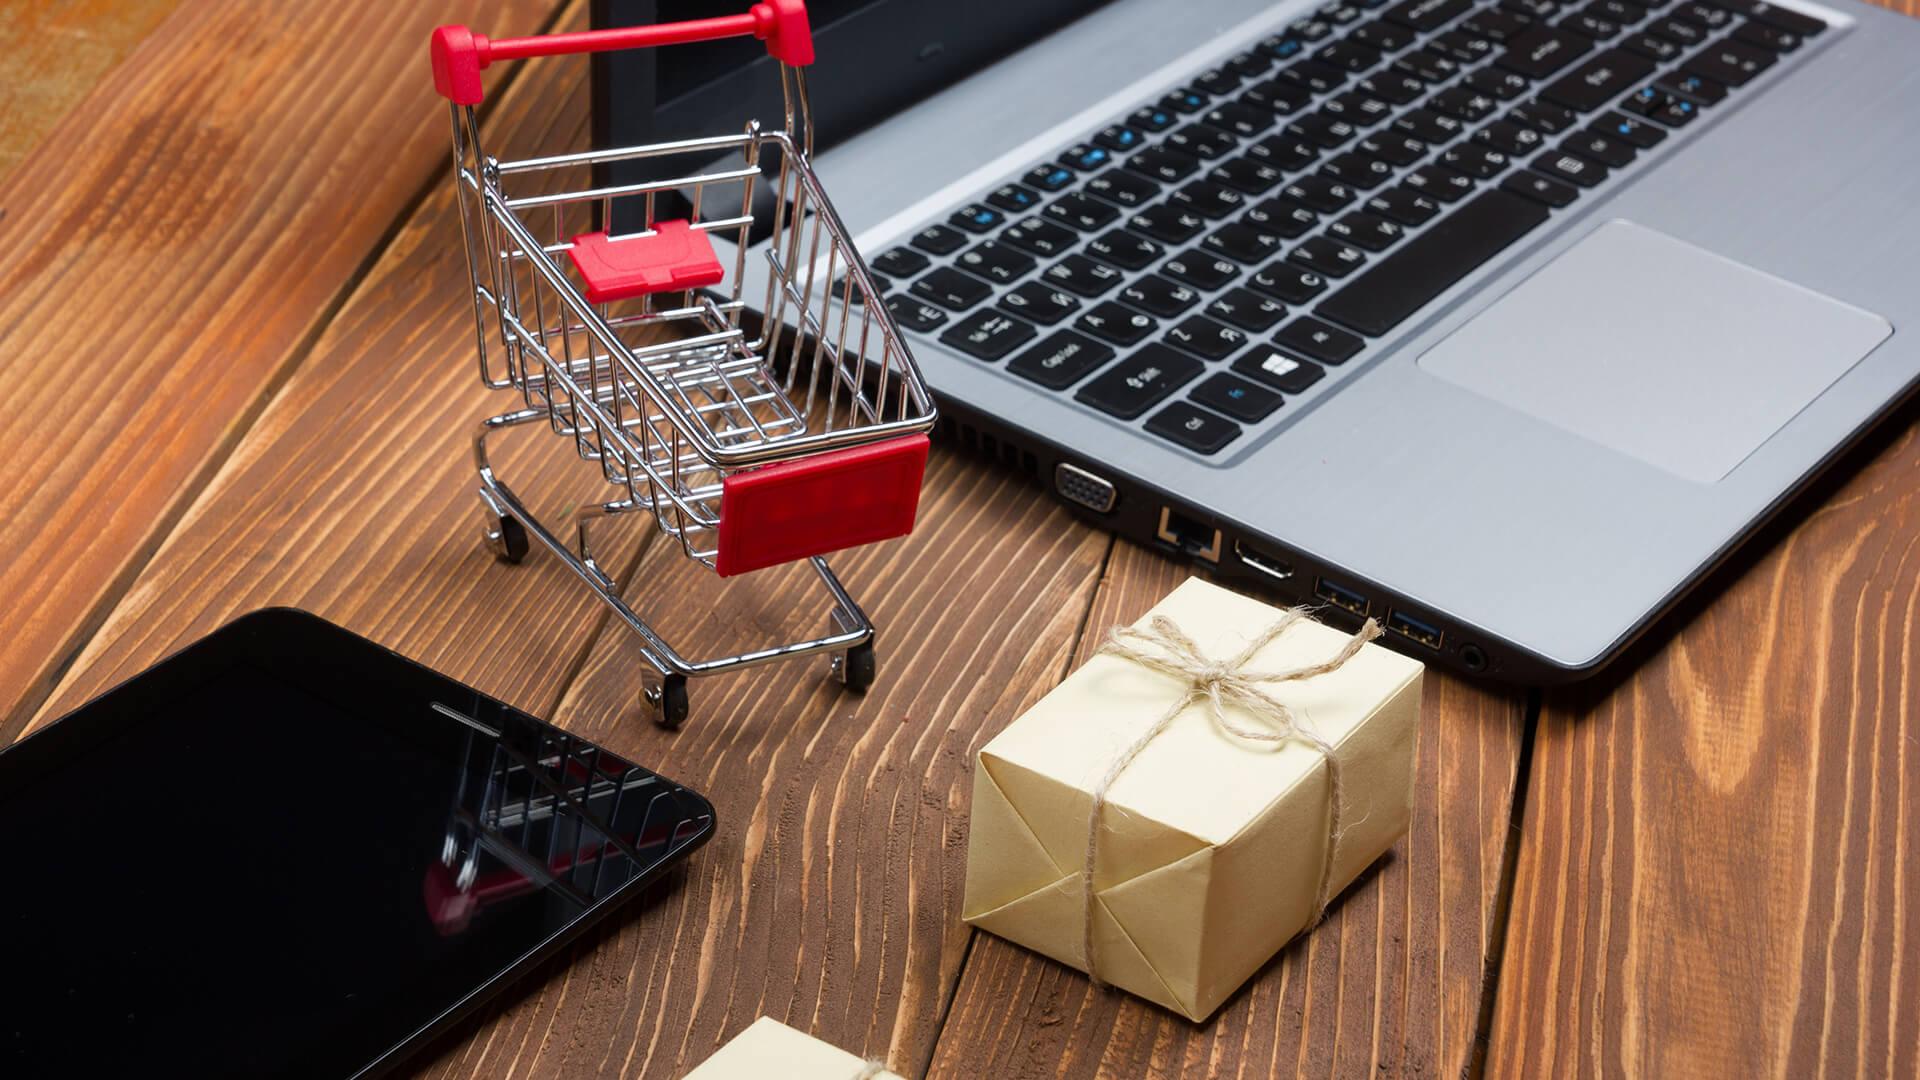 TECNOLOGÍA  | E-COMMERCE: ¿EL FUTURO DEL RETAIL?